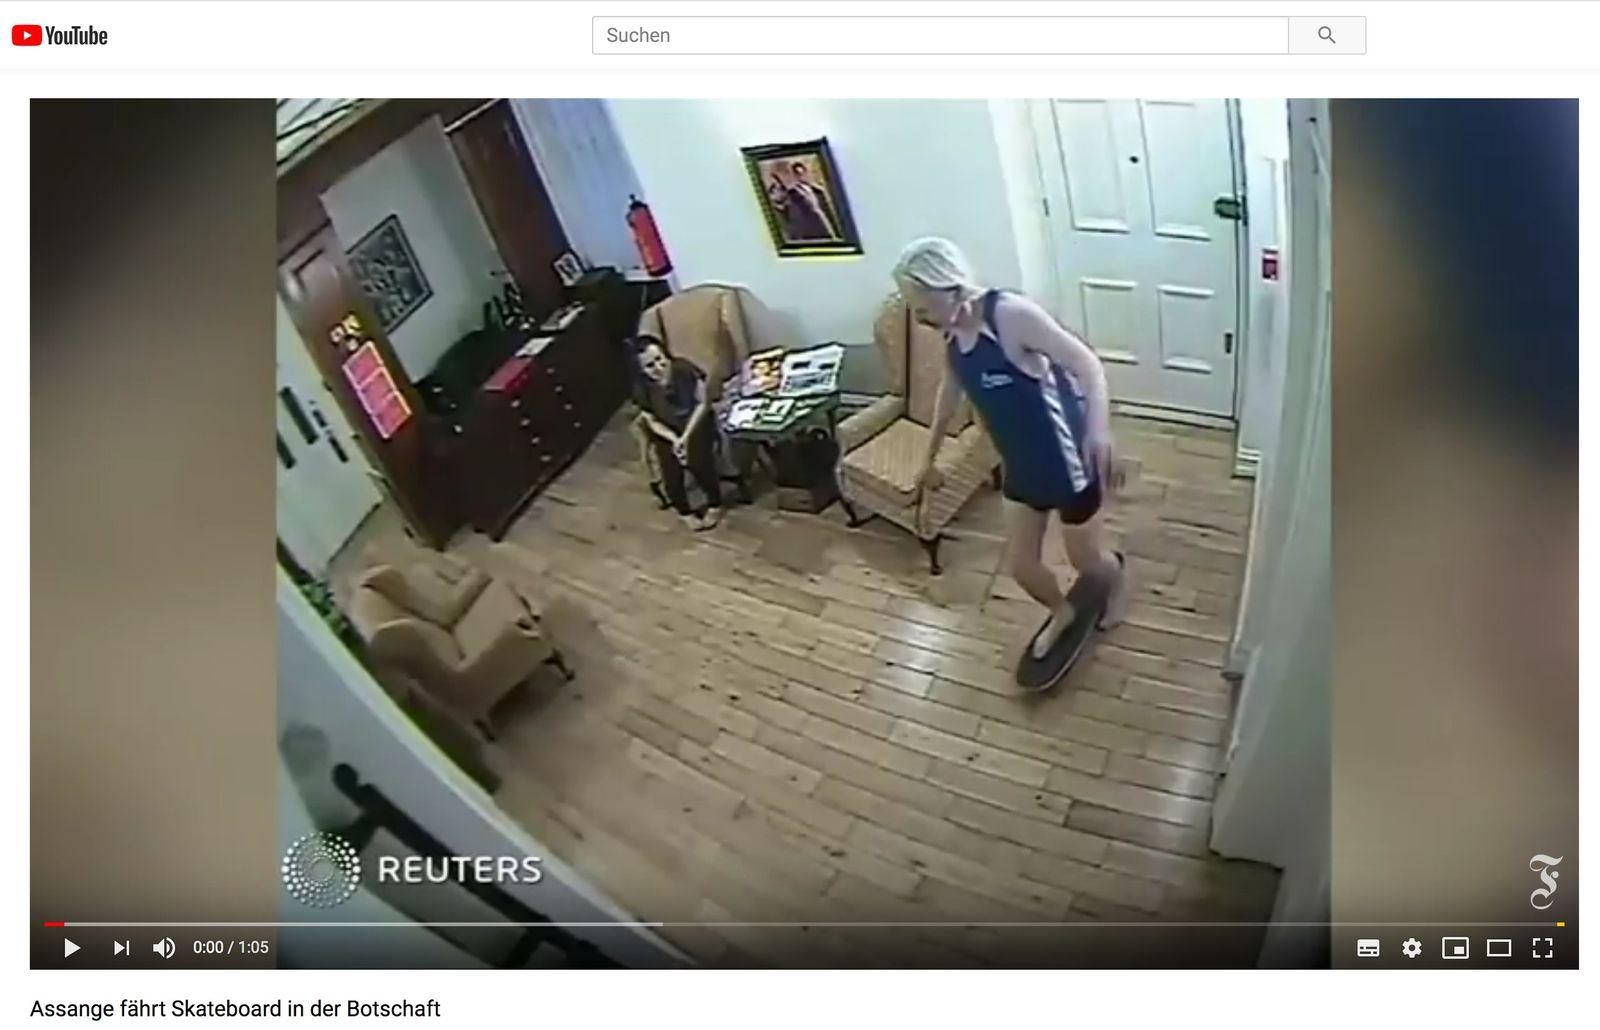 EINMALIGE VERWENDUNG SPIN SPIEGEL 19/2019 S. 72 Assange / Überwachung in der Botschaft